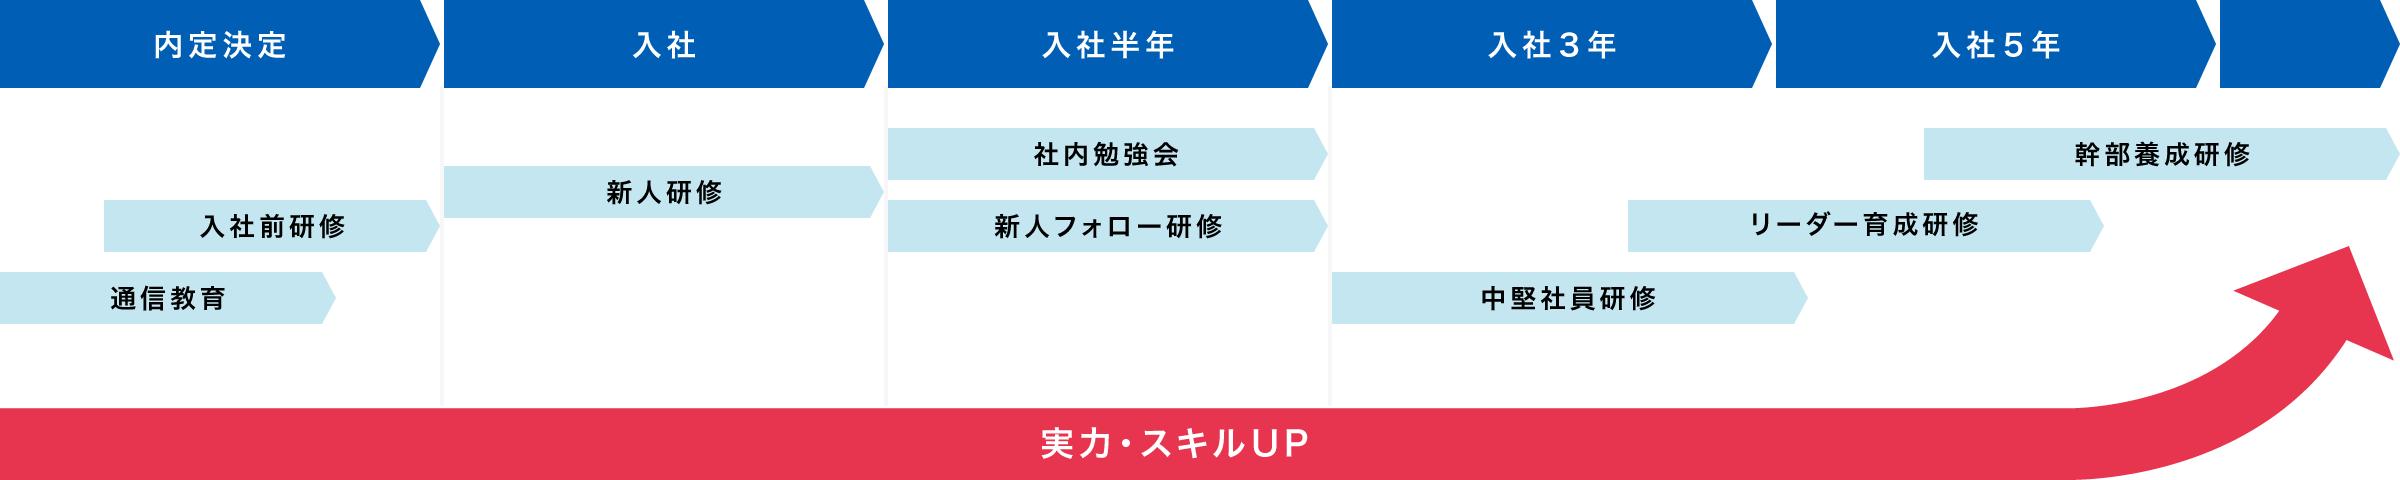 実力・スキルUP